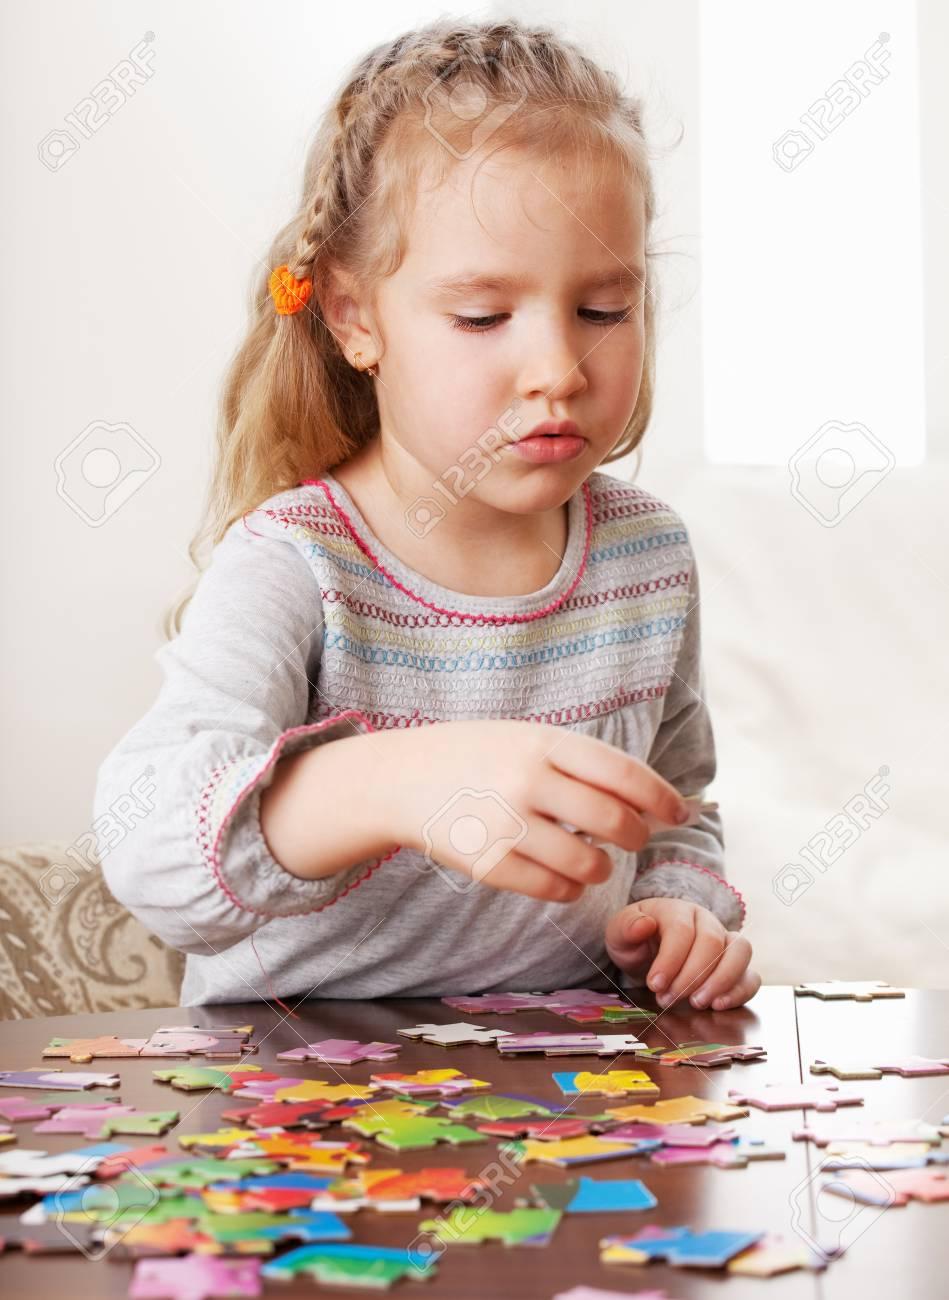 Enfant Jouant Puzzle. Jeu Petite Fille À La Maison concernant Jeux De Fille Puzzle